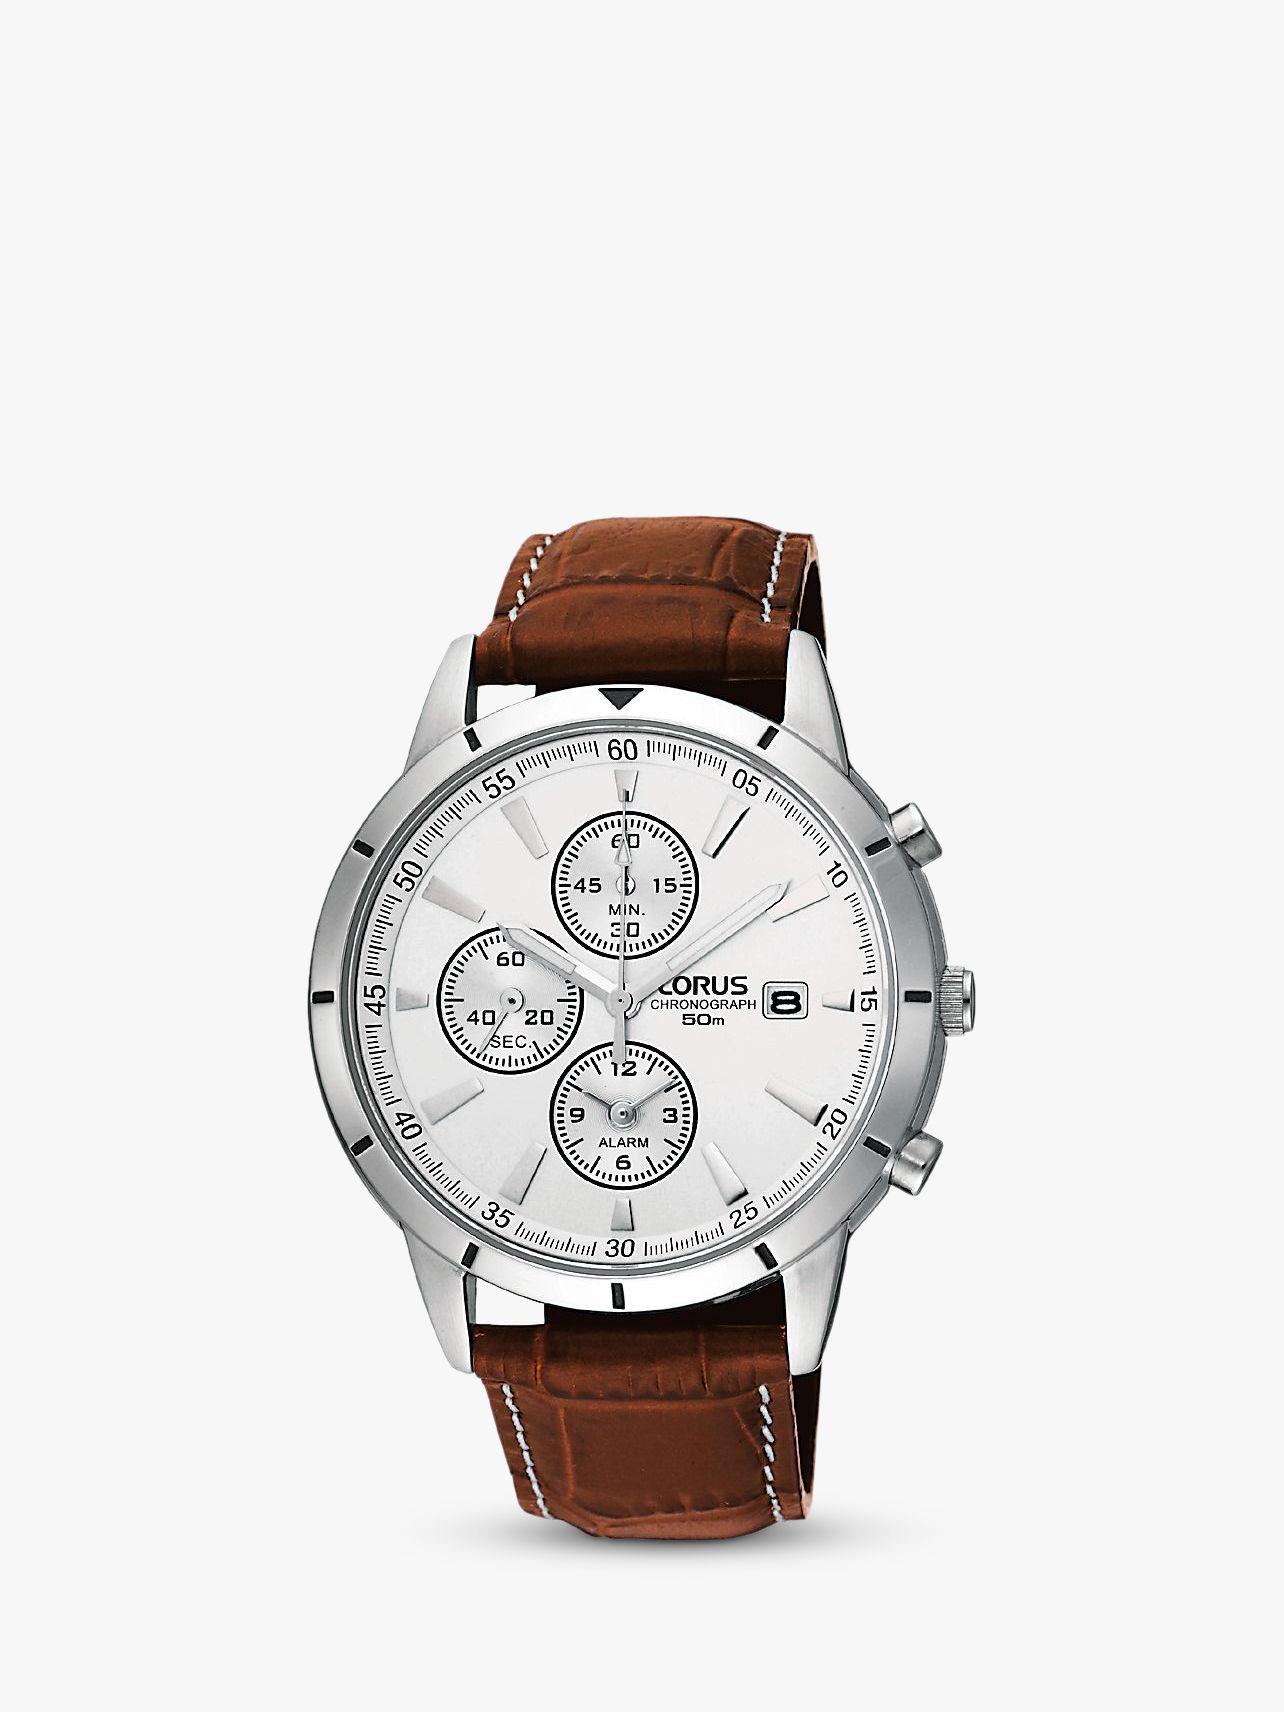 Lorus Lorus RF325BX9 Men's Chronograph Date Leather Strap Watch, Brown/White